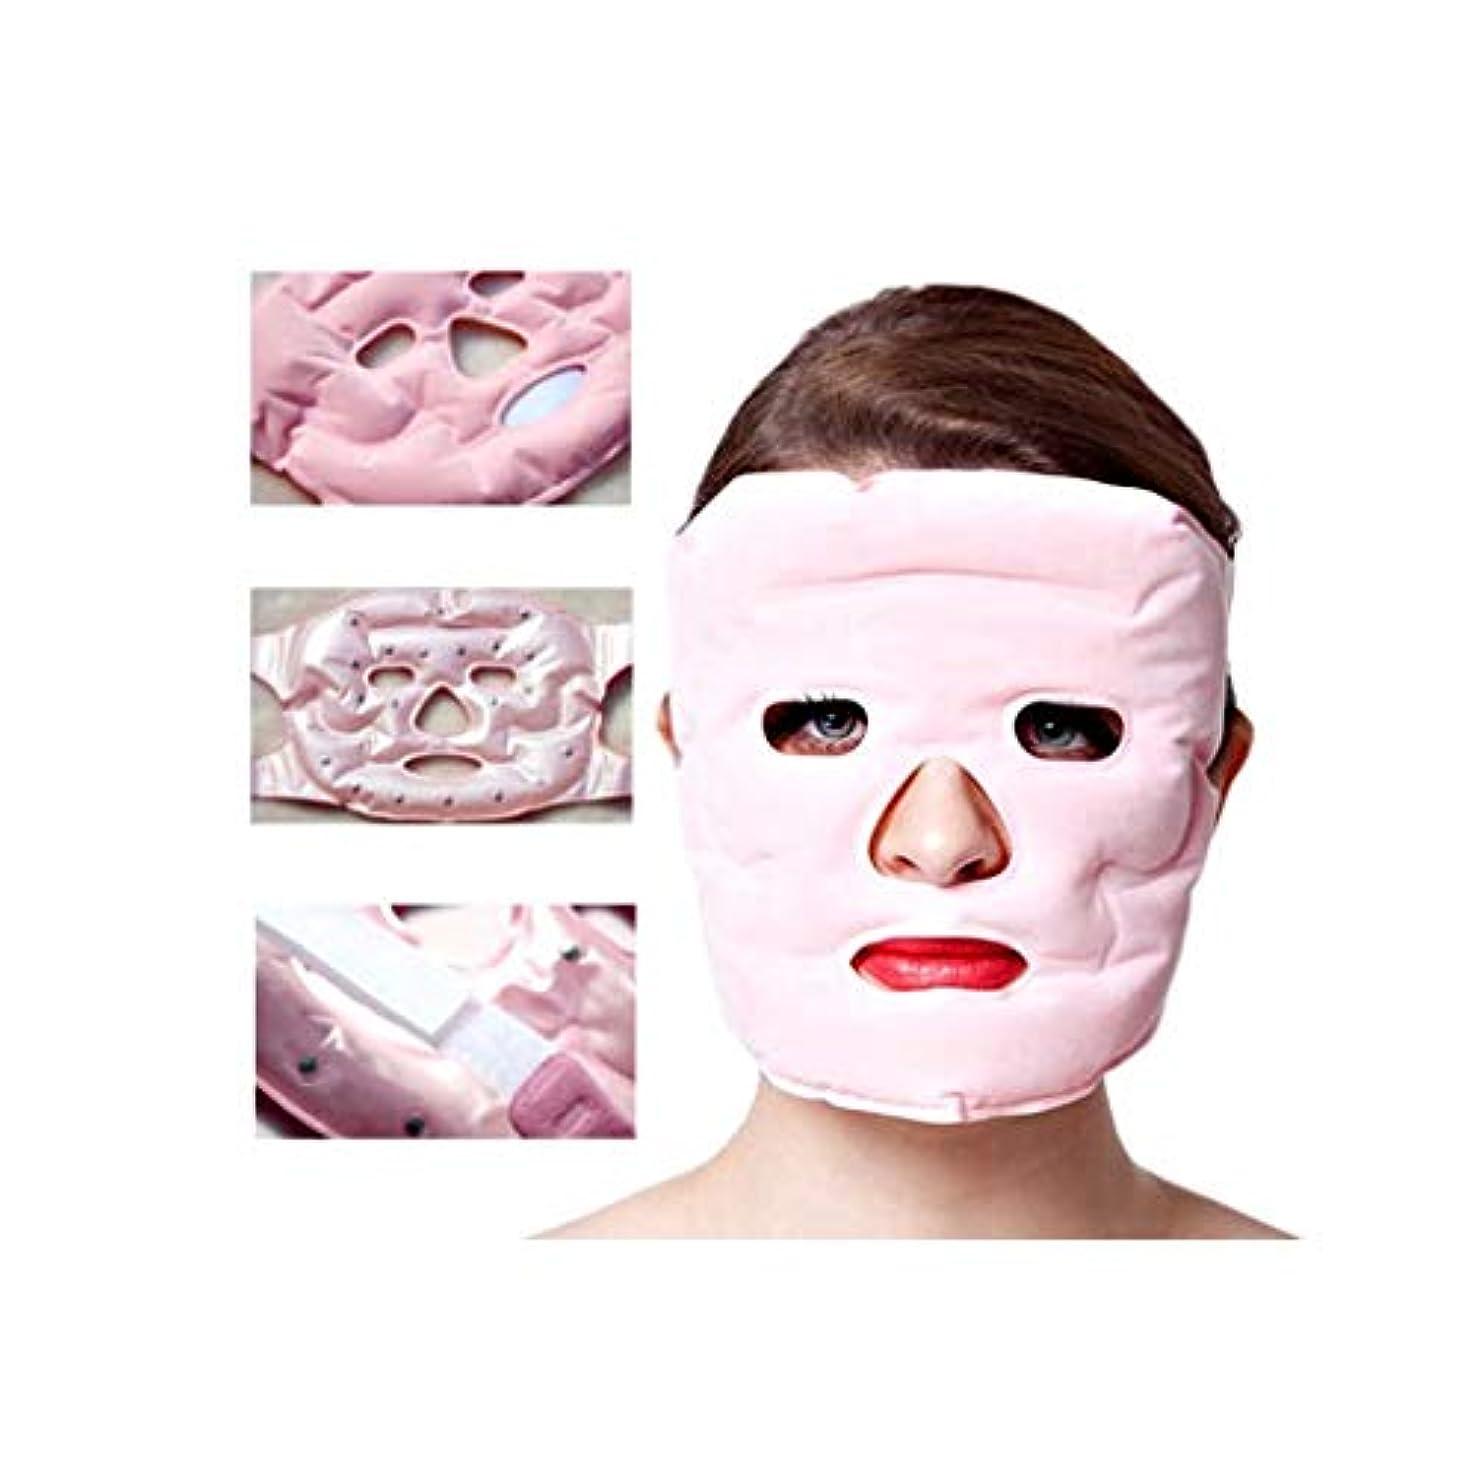 焼くかび臭いまとめるXHLMRMJ フェイシャルスリミング、Vフェイスマスク、フェイスリフティングビューティーマスク、磁気療法リフティングフェイス、肌の状態を改善するための肌の頬の引き締め